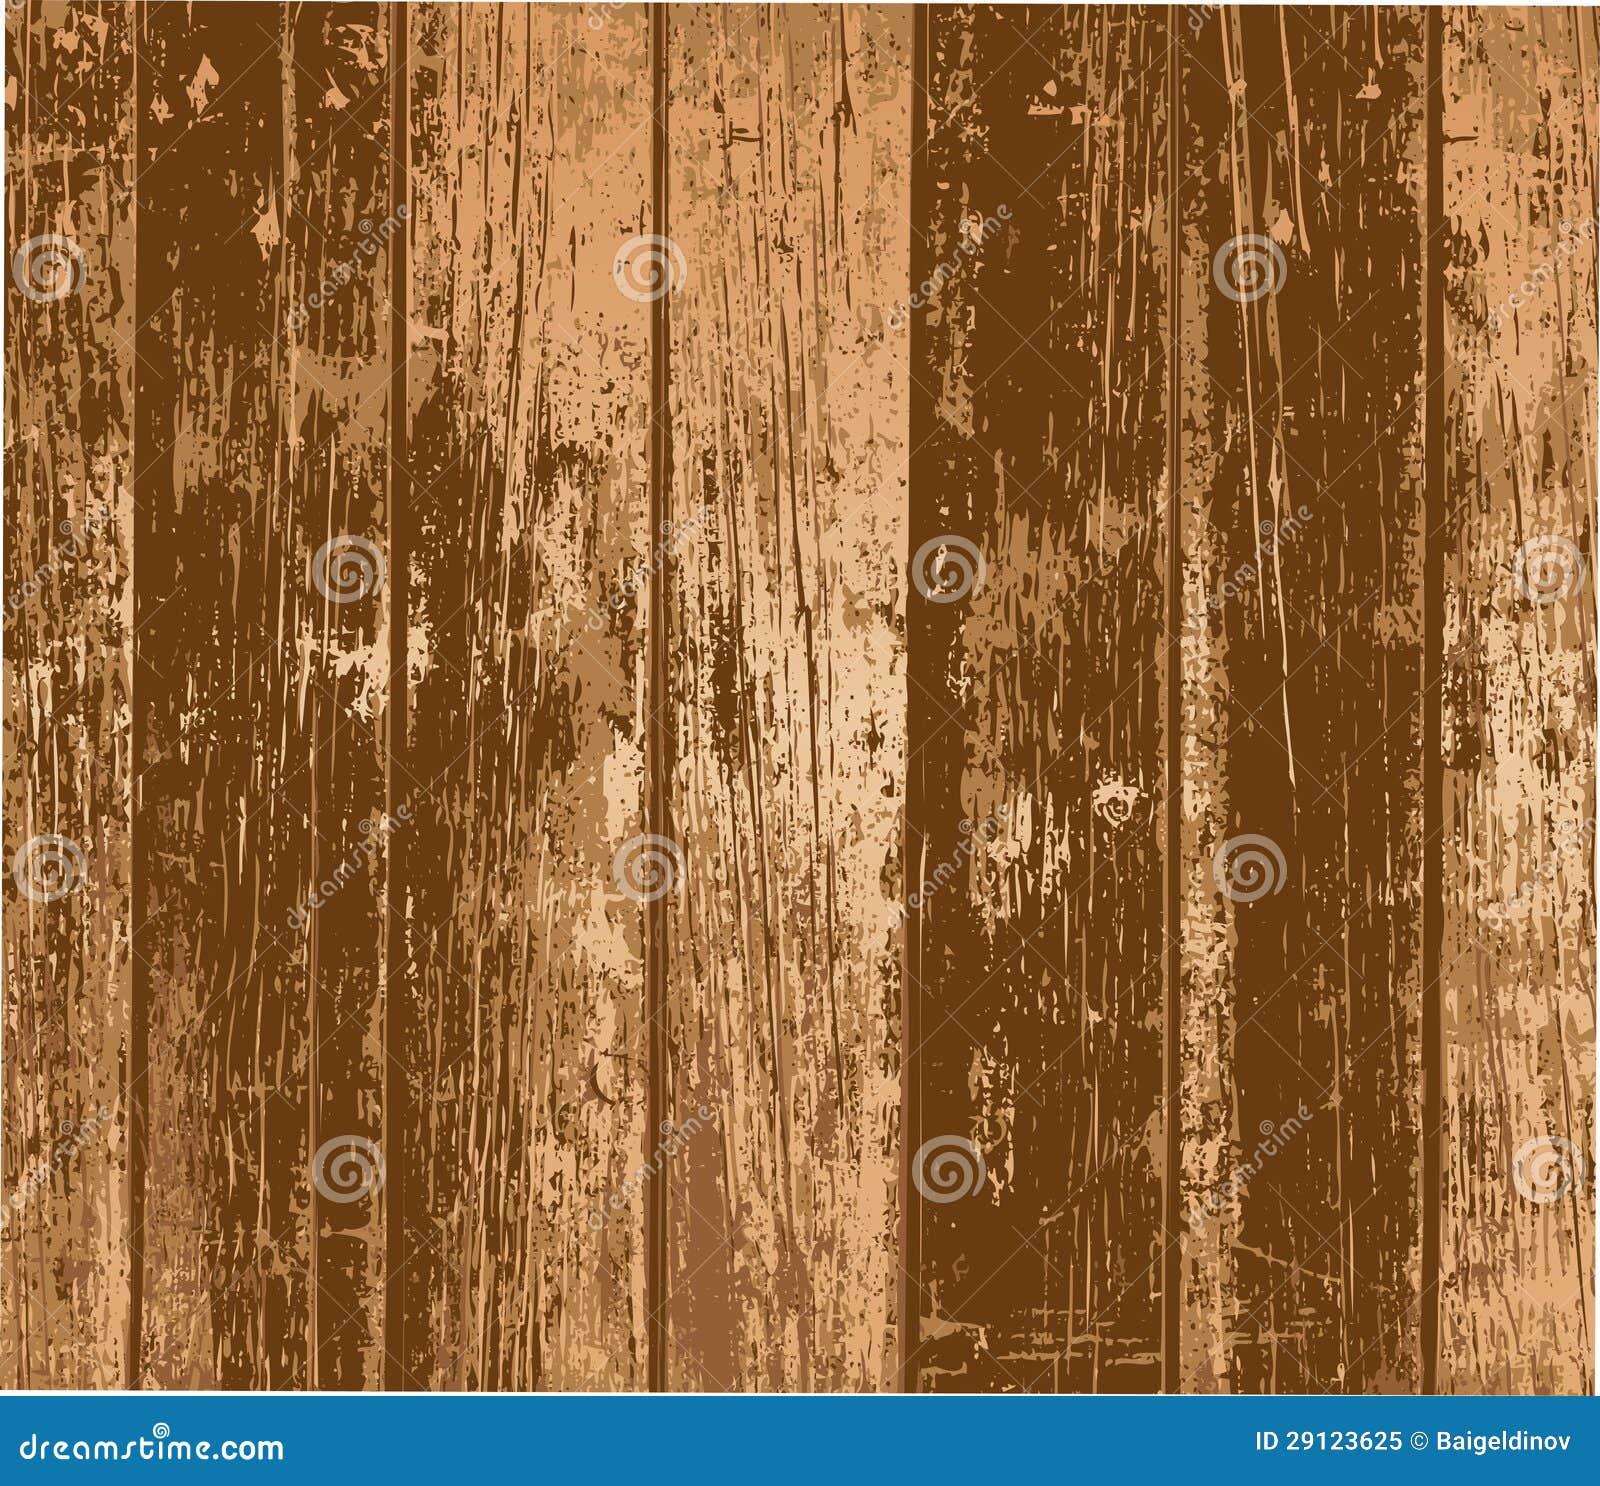 wood background royalty free - photo #32